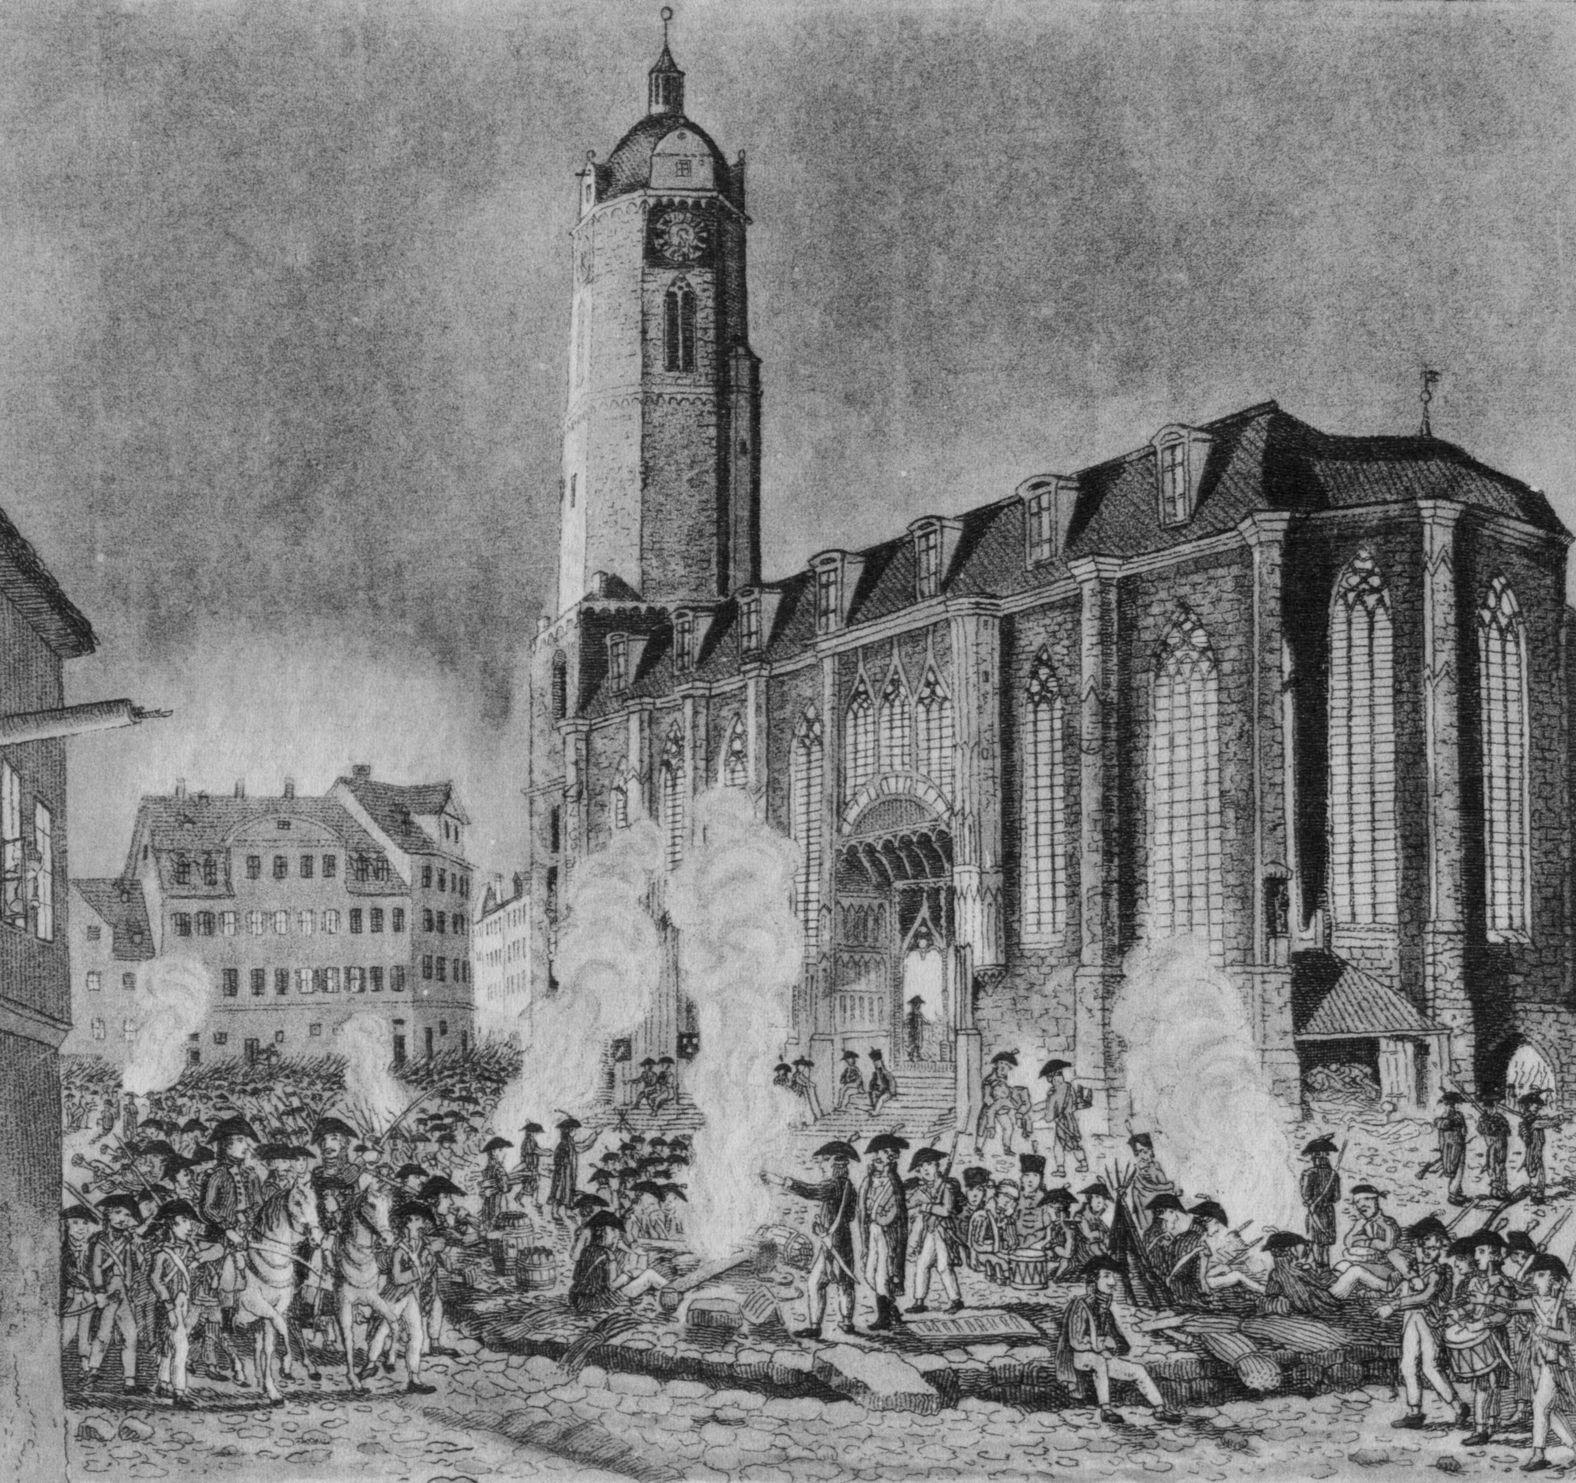 Jena, 1806